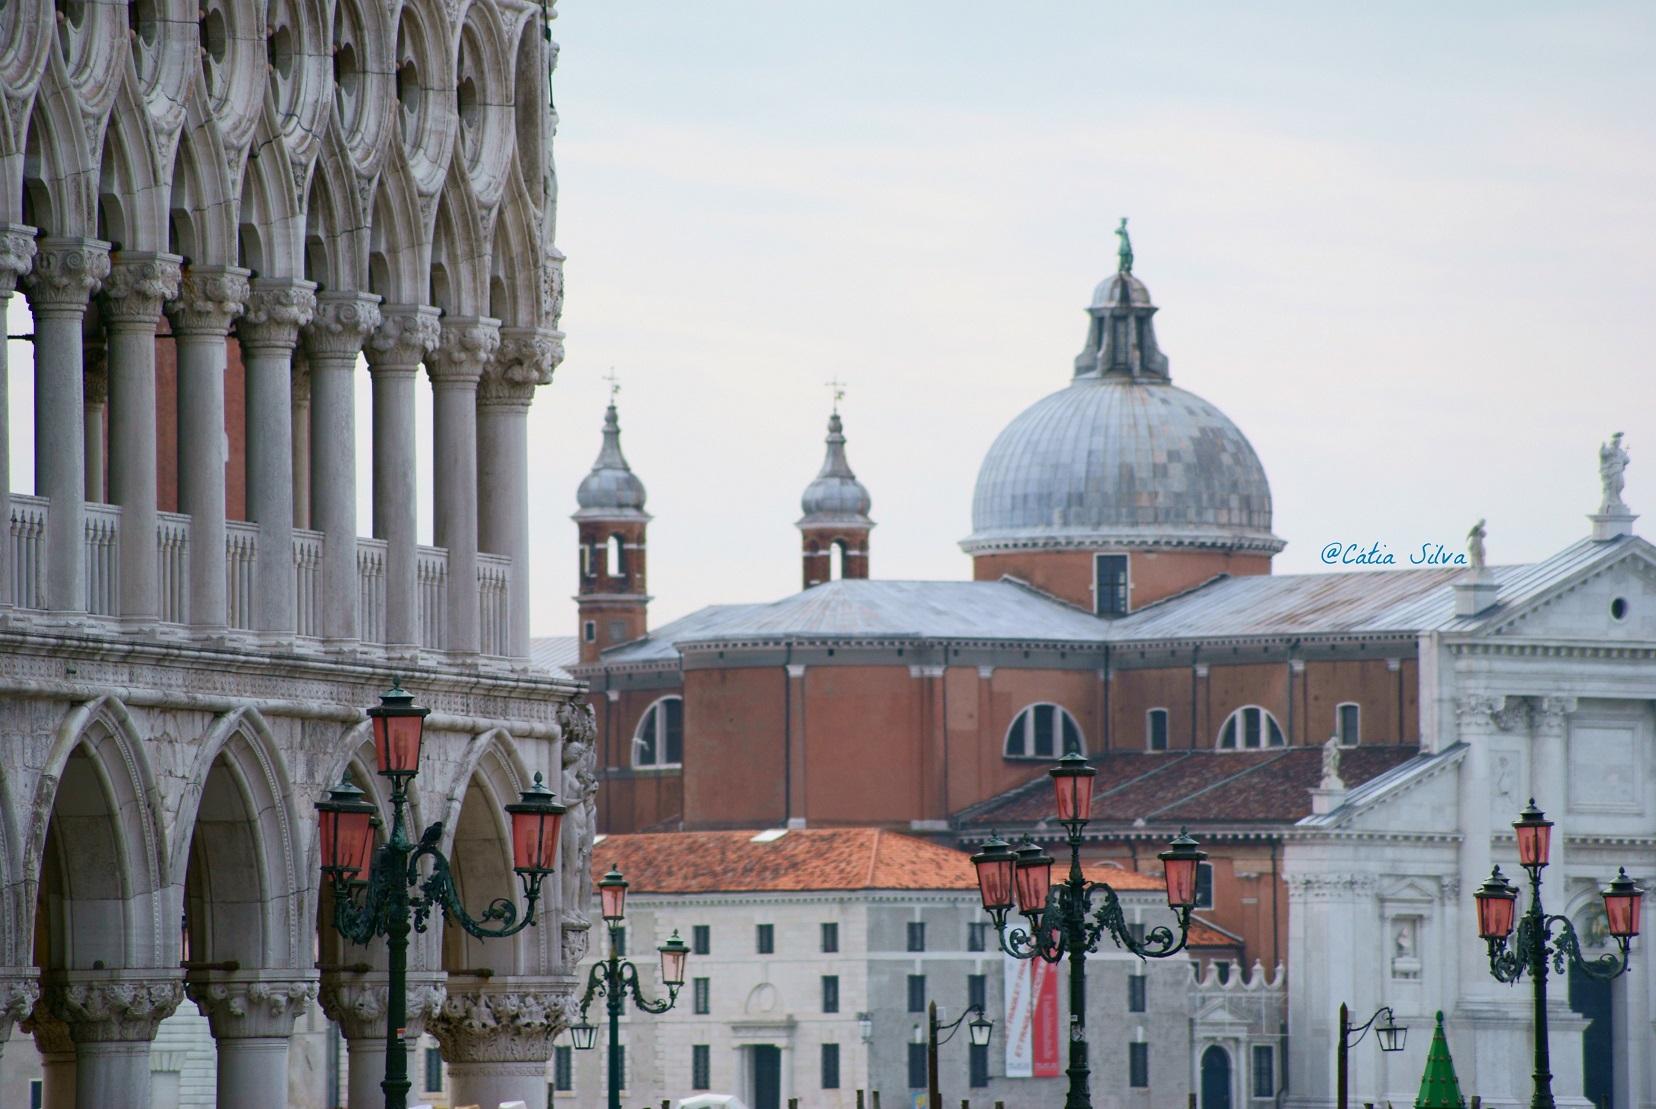 Palacio Ducal - Venecia - Italia (1)